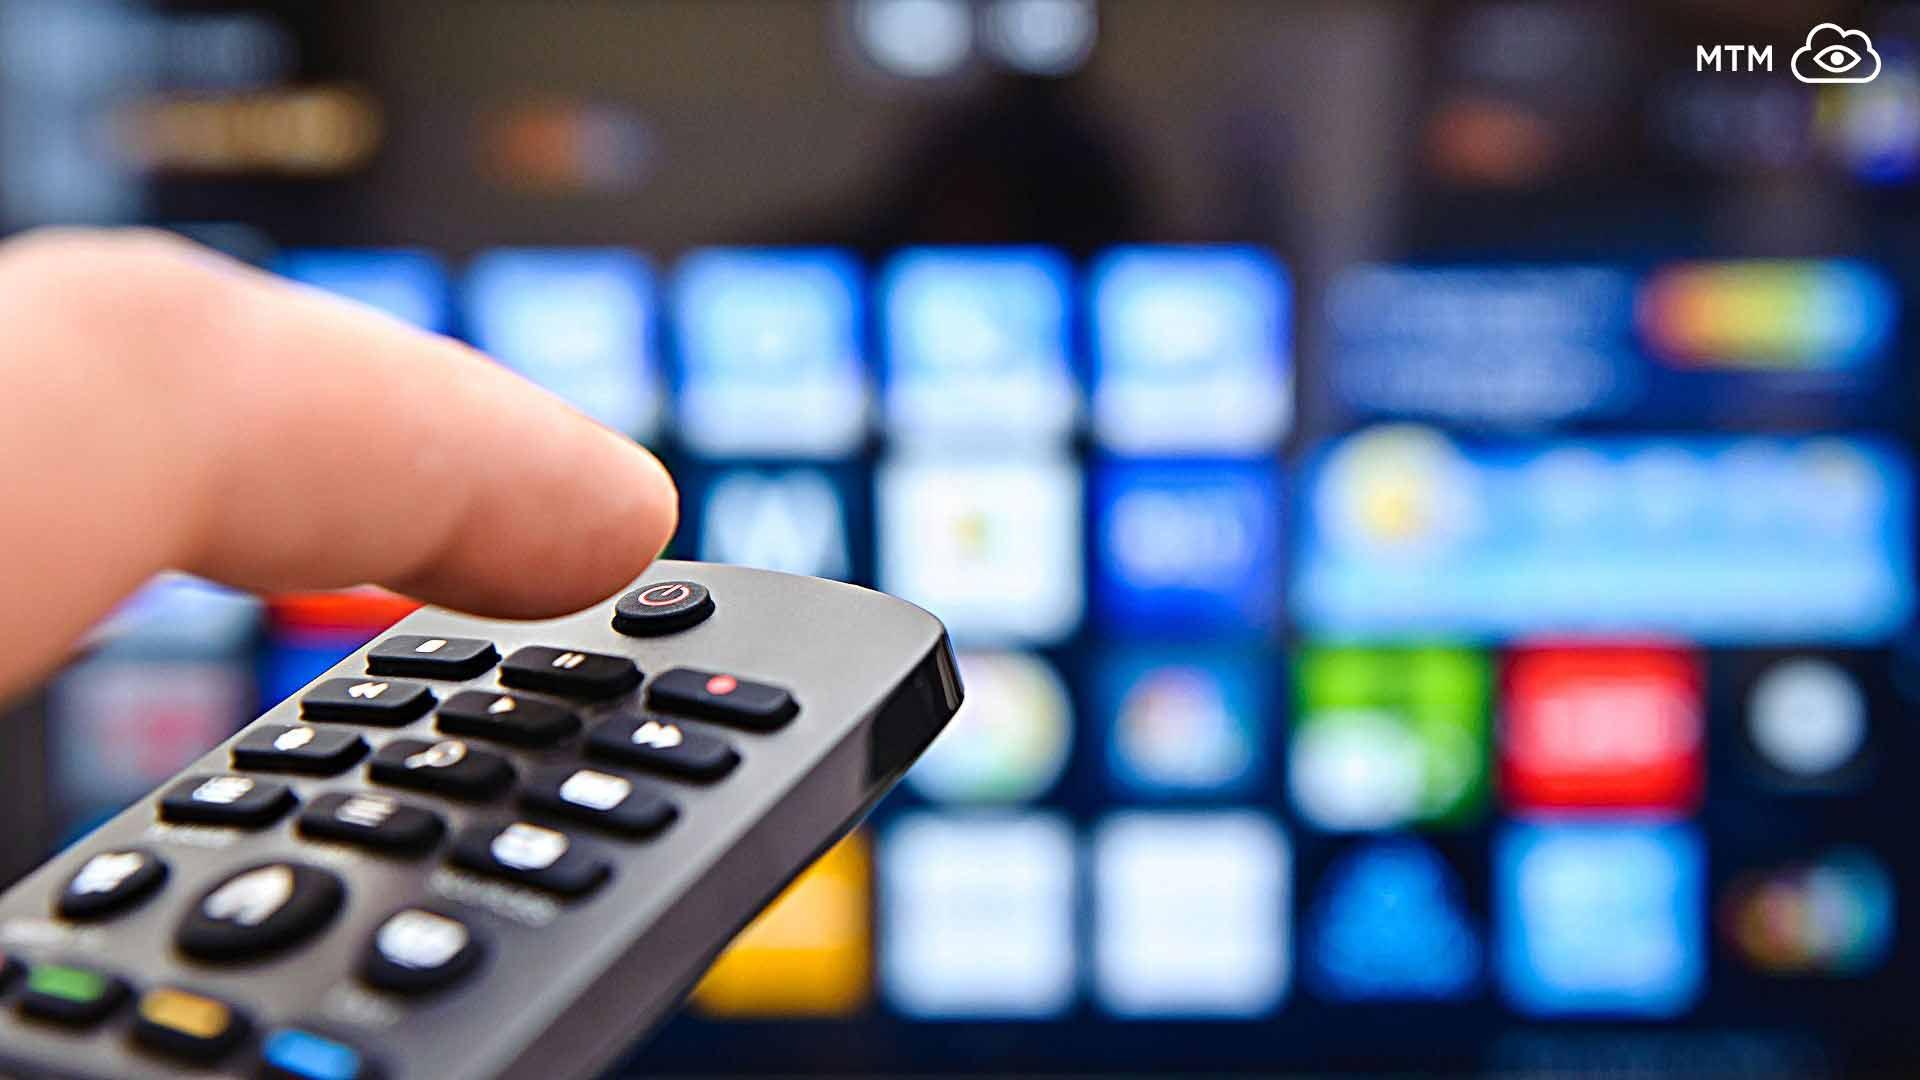 darkmedia tv